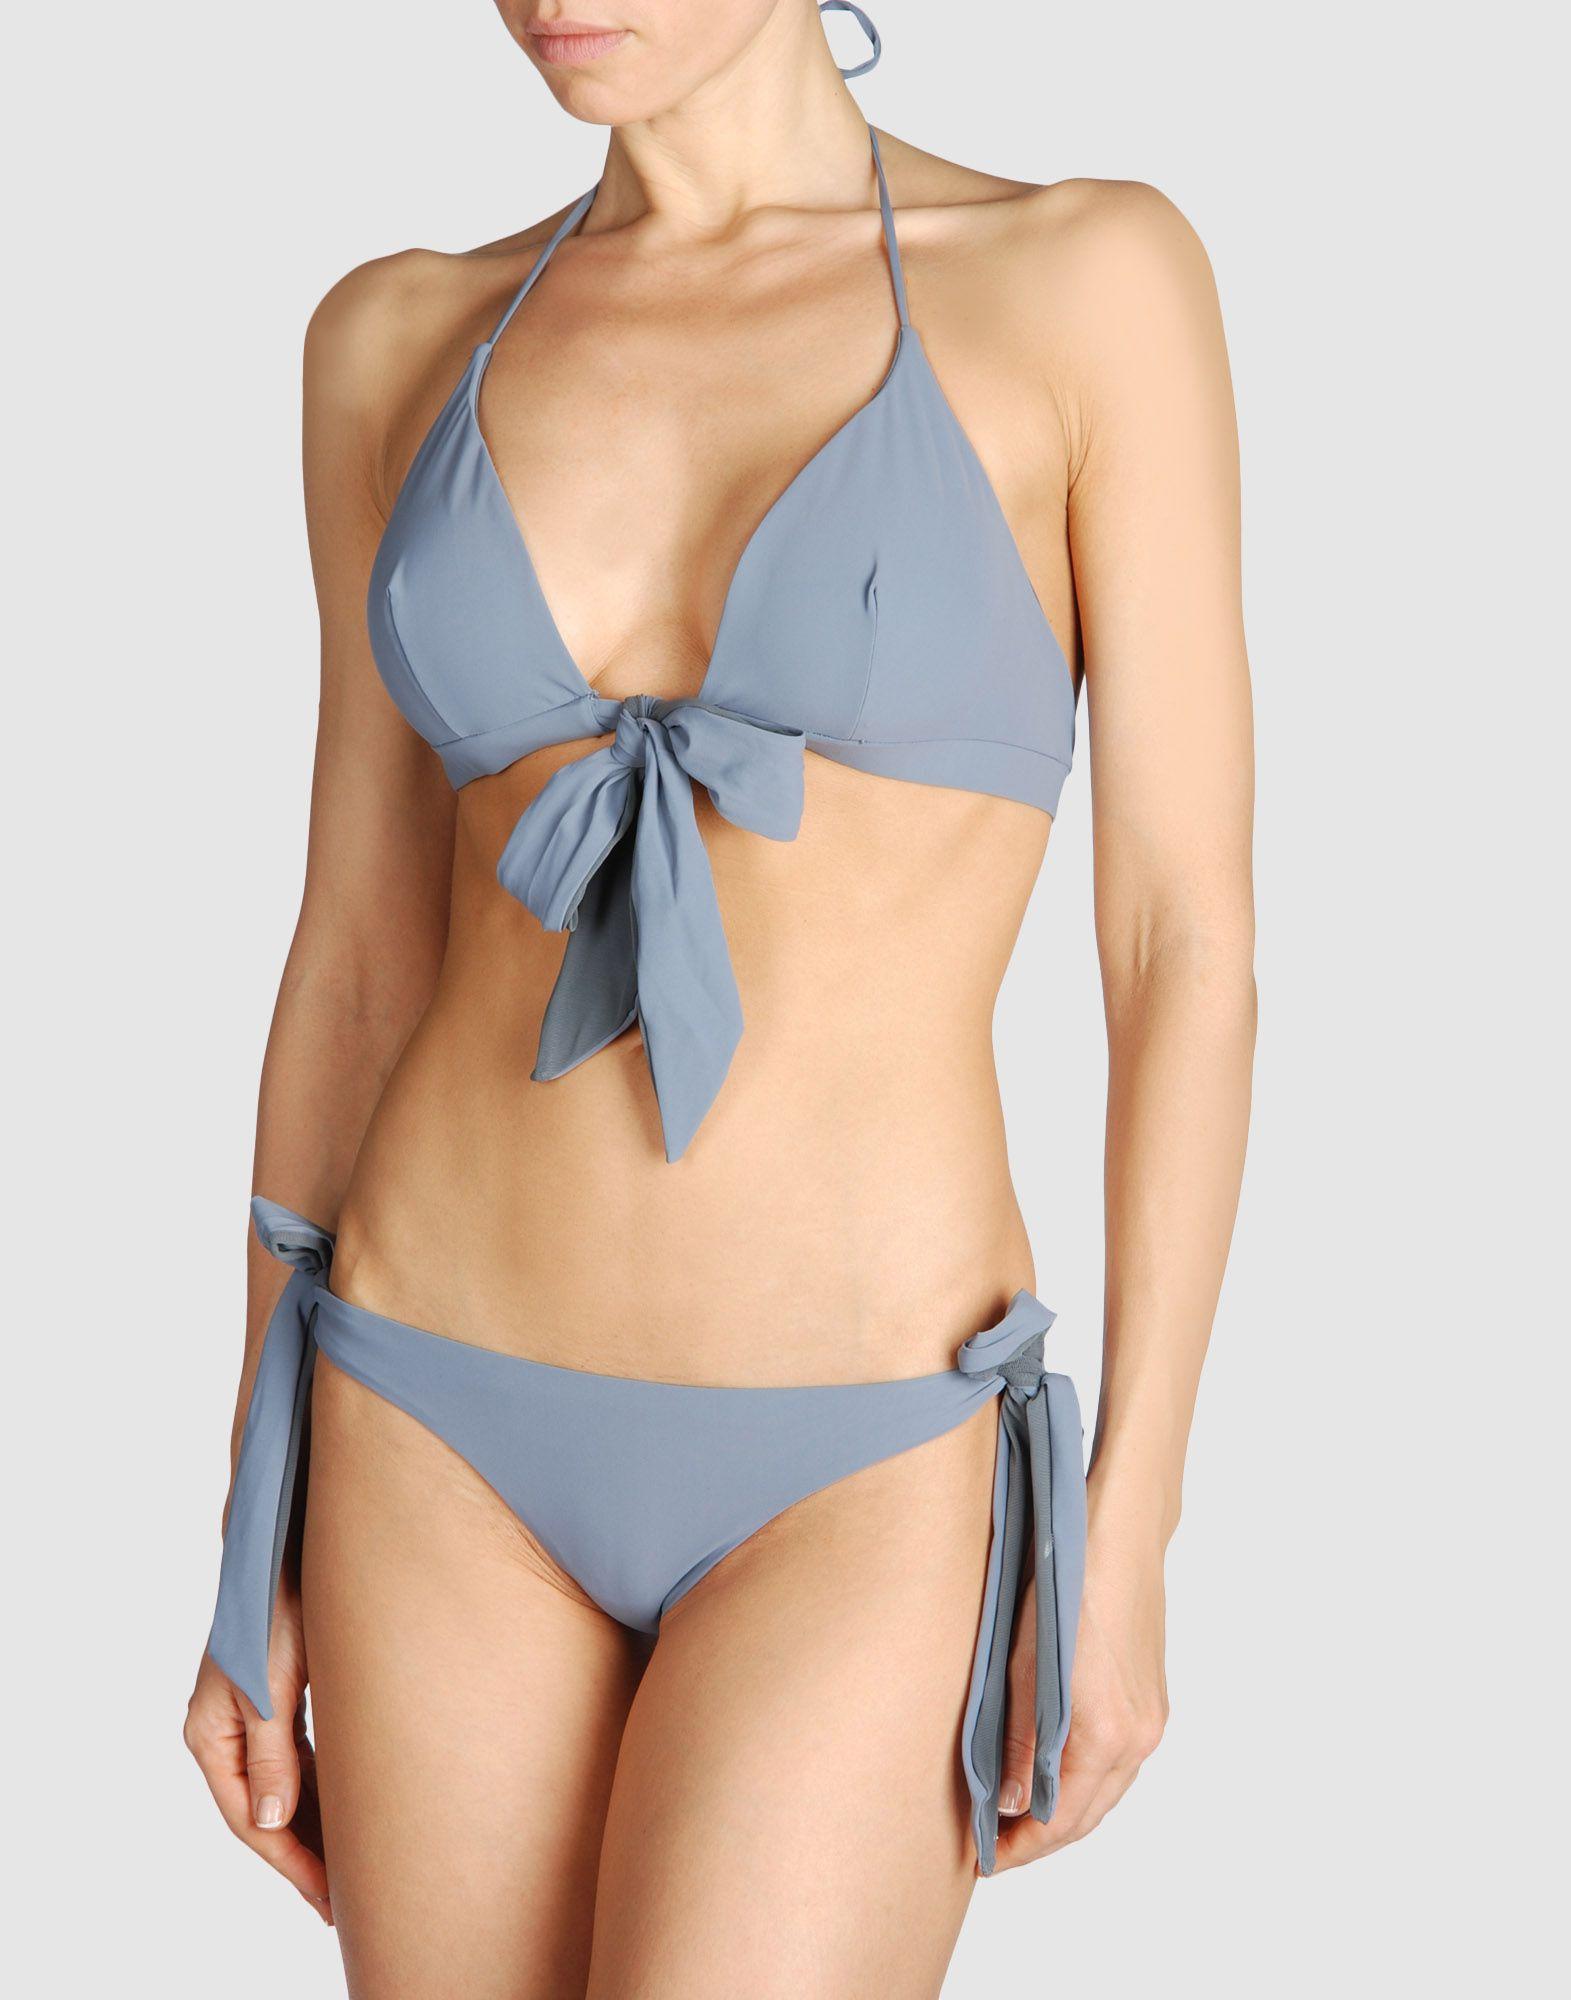 Sucrette Bikini in Gray (grey)